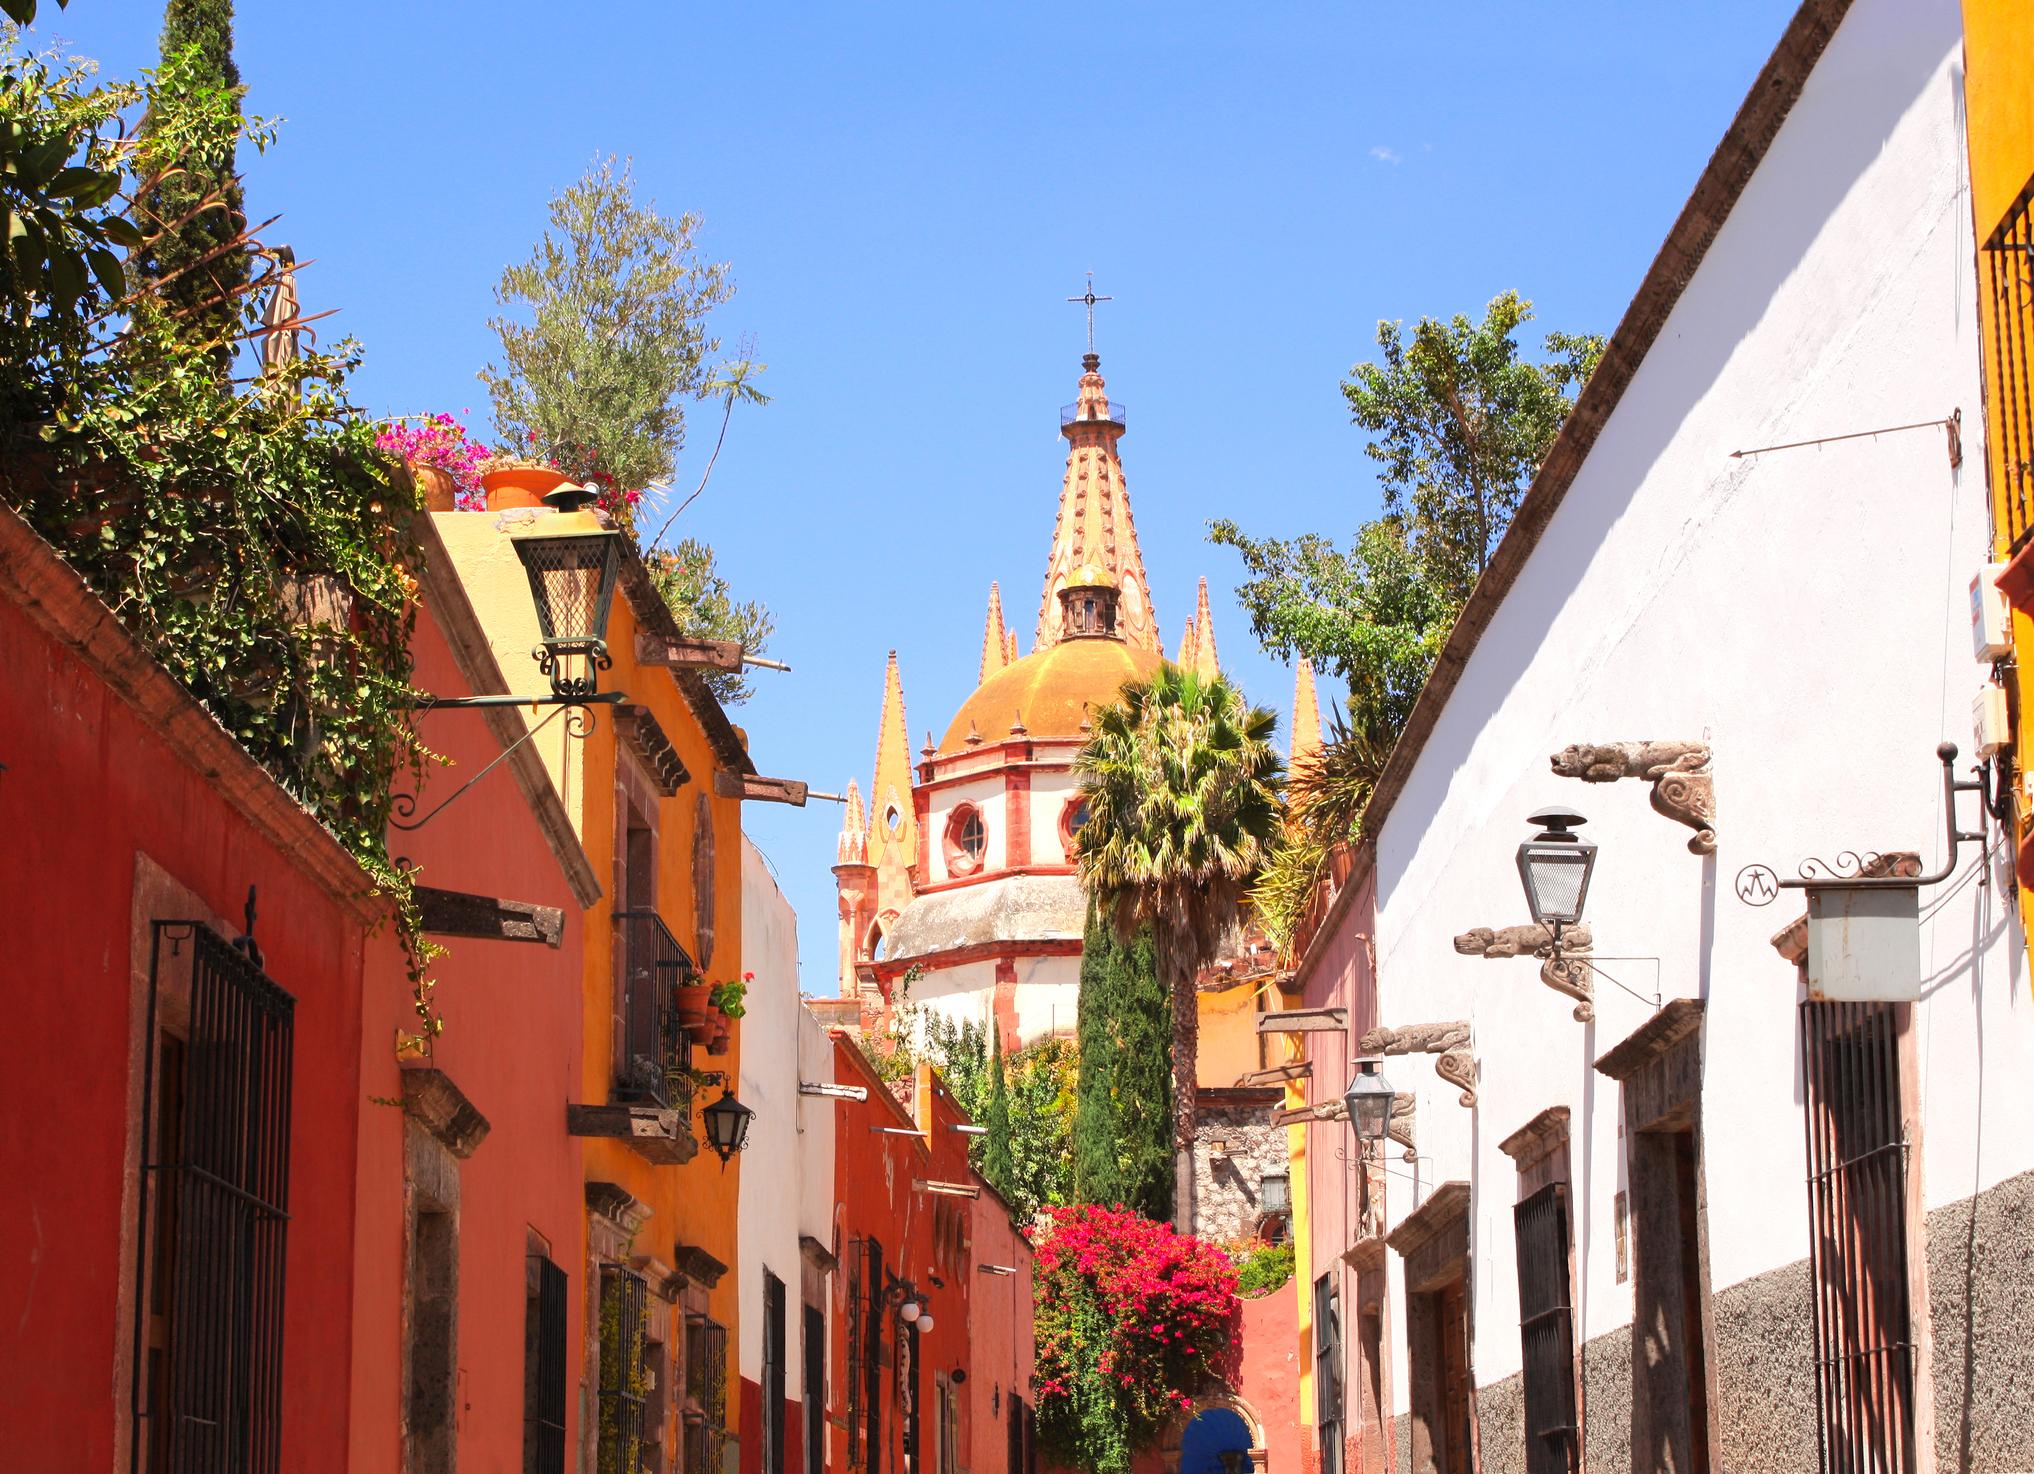 Honeymoon In The Charming Colonial Era San Miguel De Allende